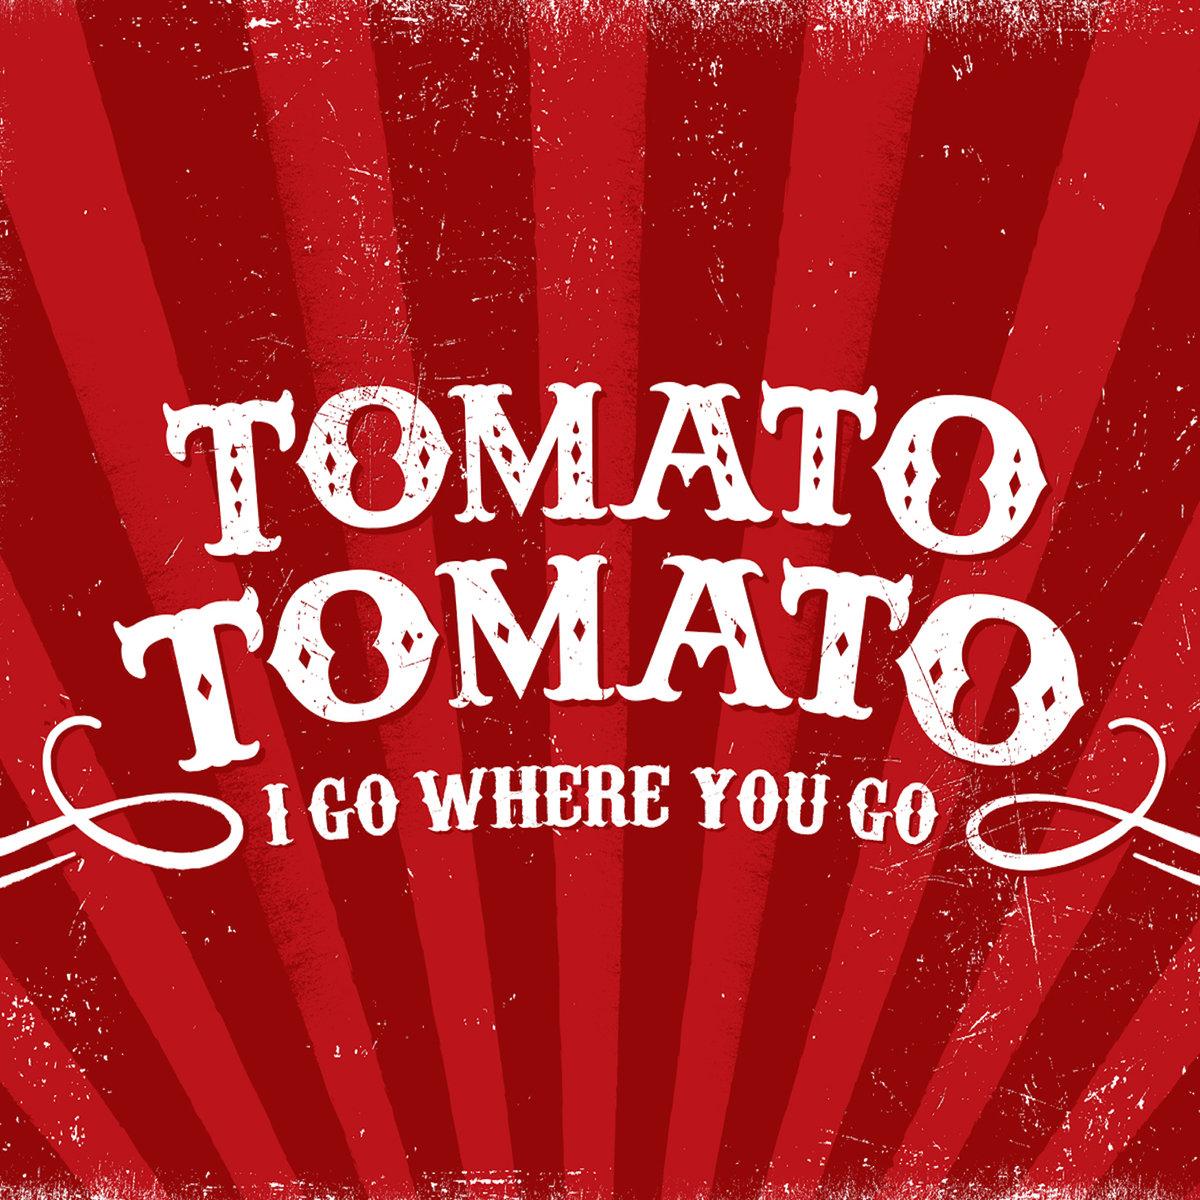 tomato_igowhereyougo.jpg